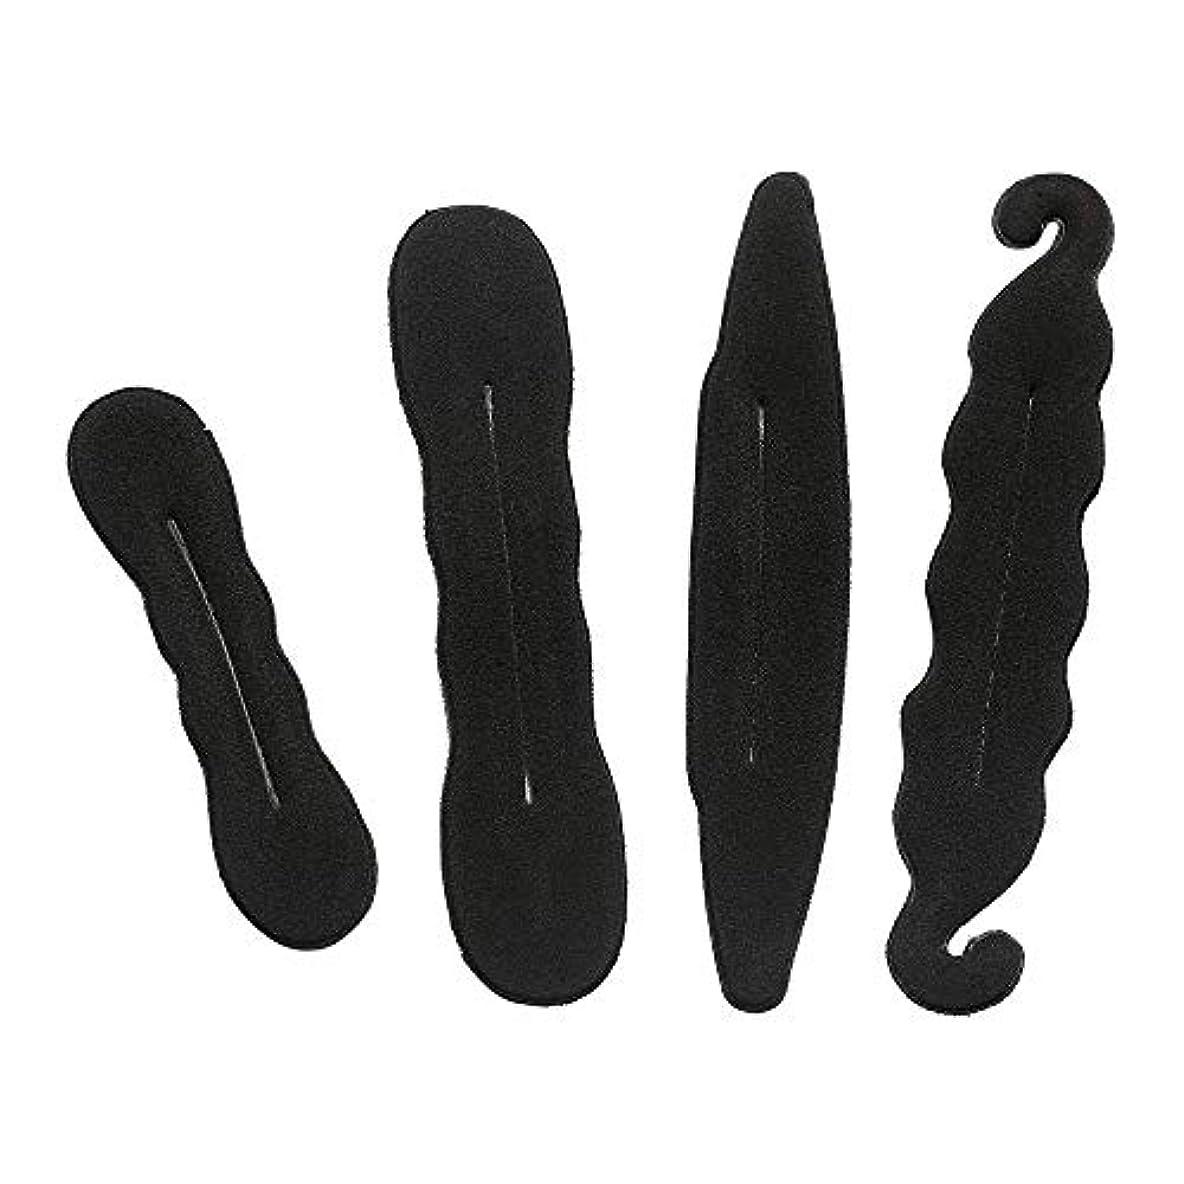 スカープ酸っぱい普通に4個入りお団子ヘアメーカー 長い髪向けヘアアレンジクッション ブラックお団子グッズ お団子スポンジ